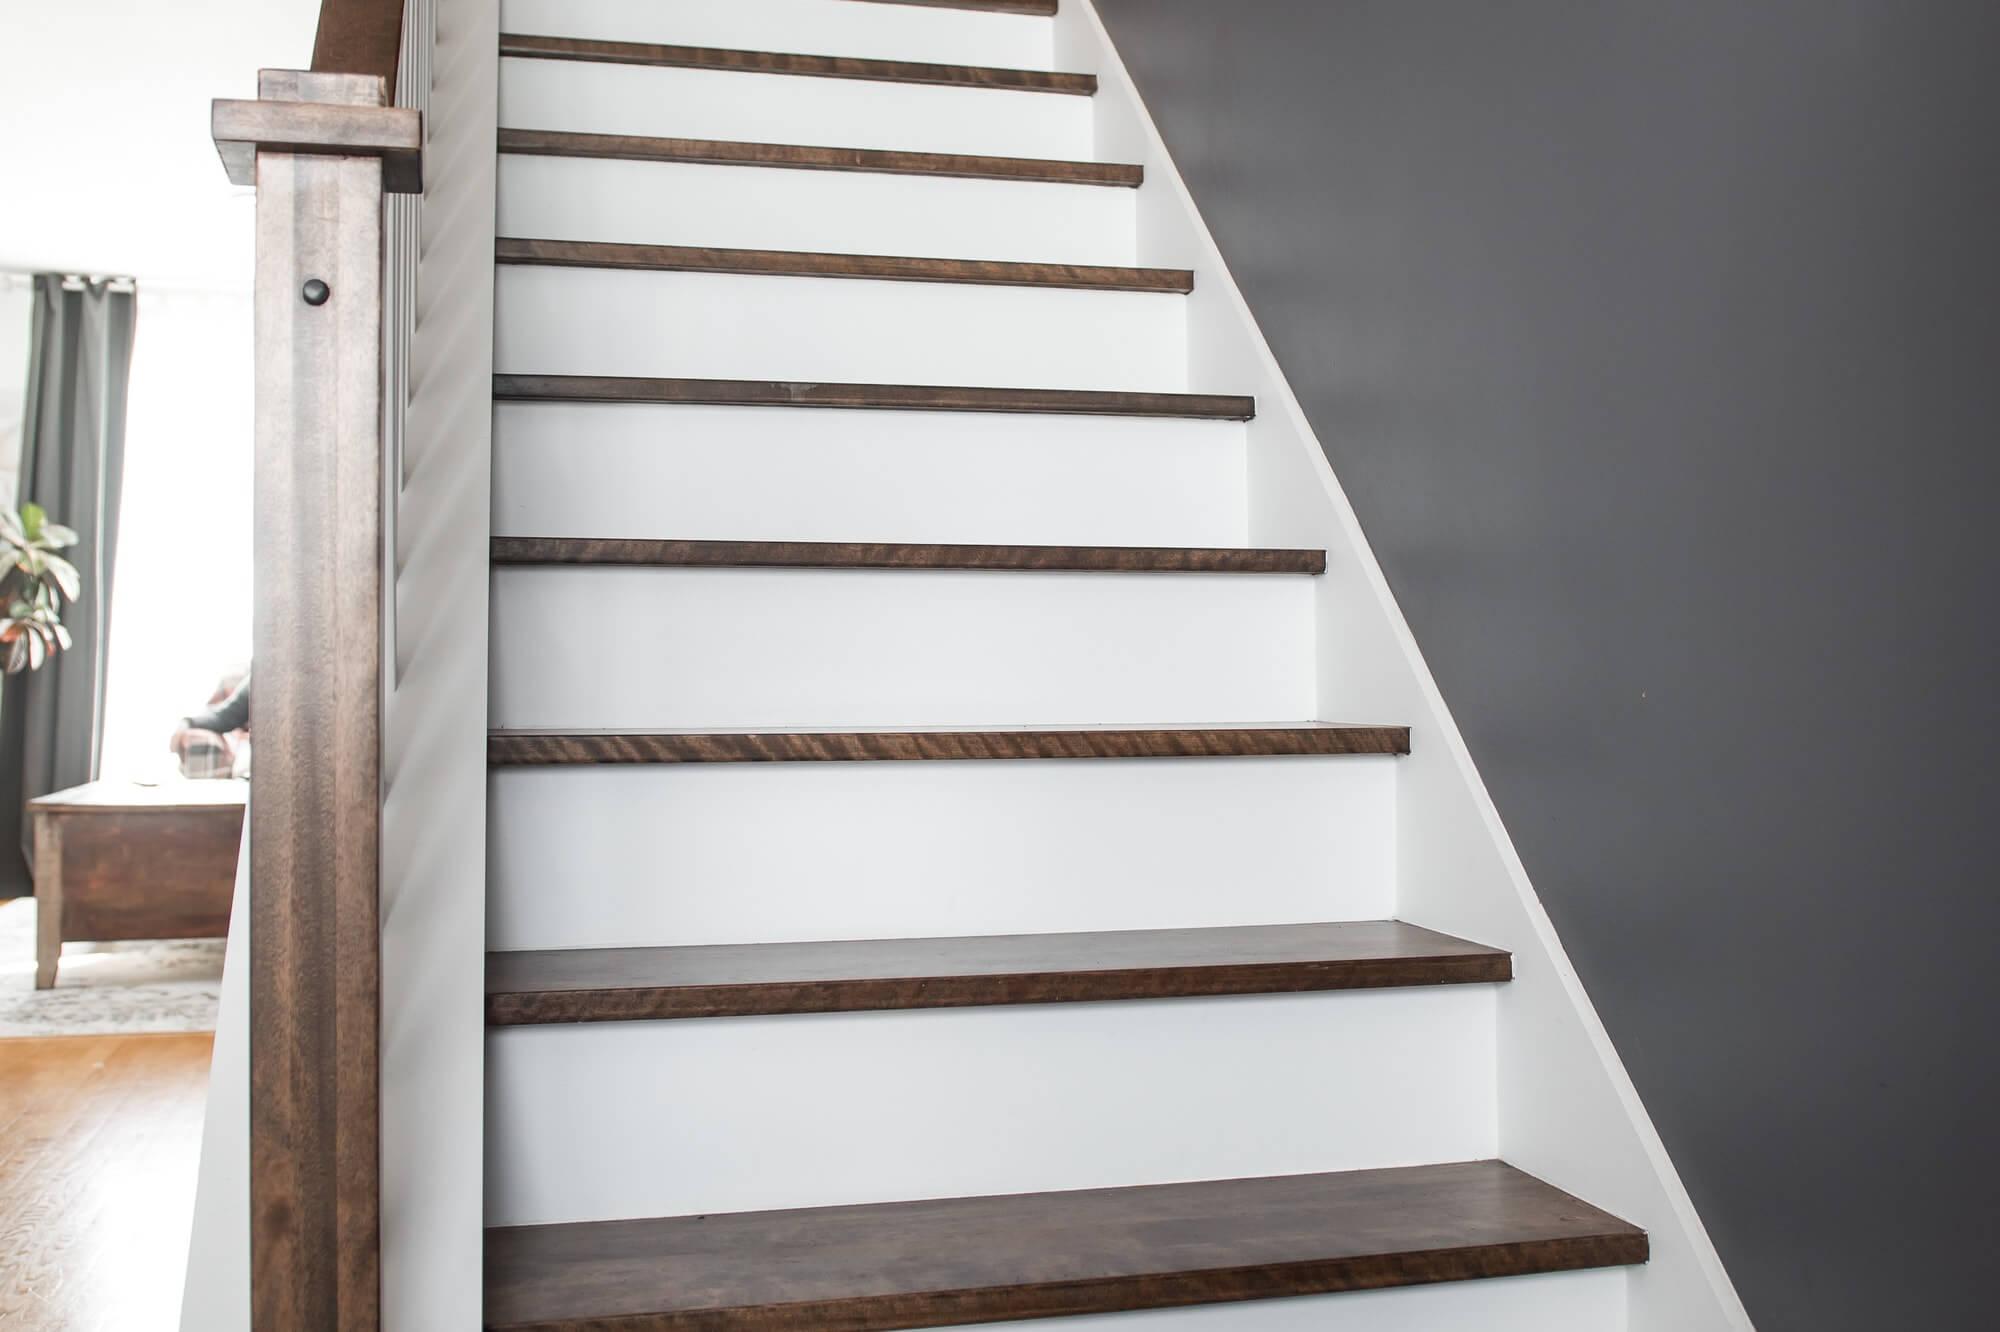 escalier en bois avec contremarches blanches